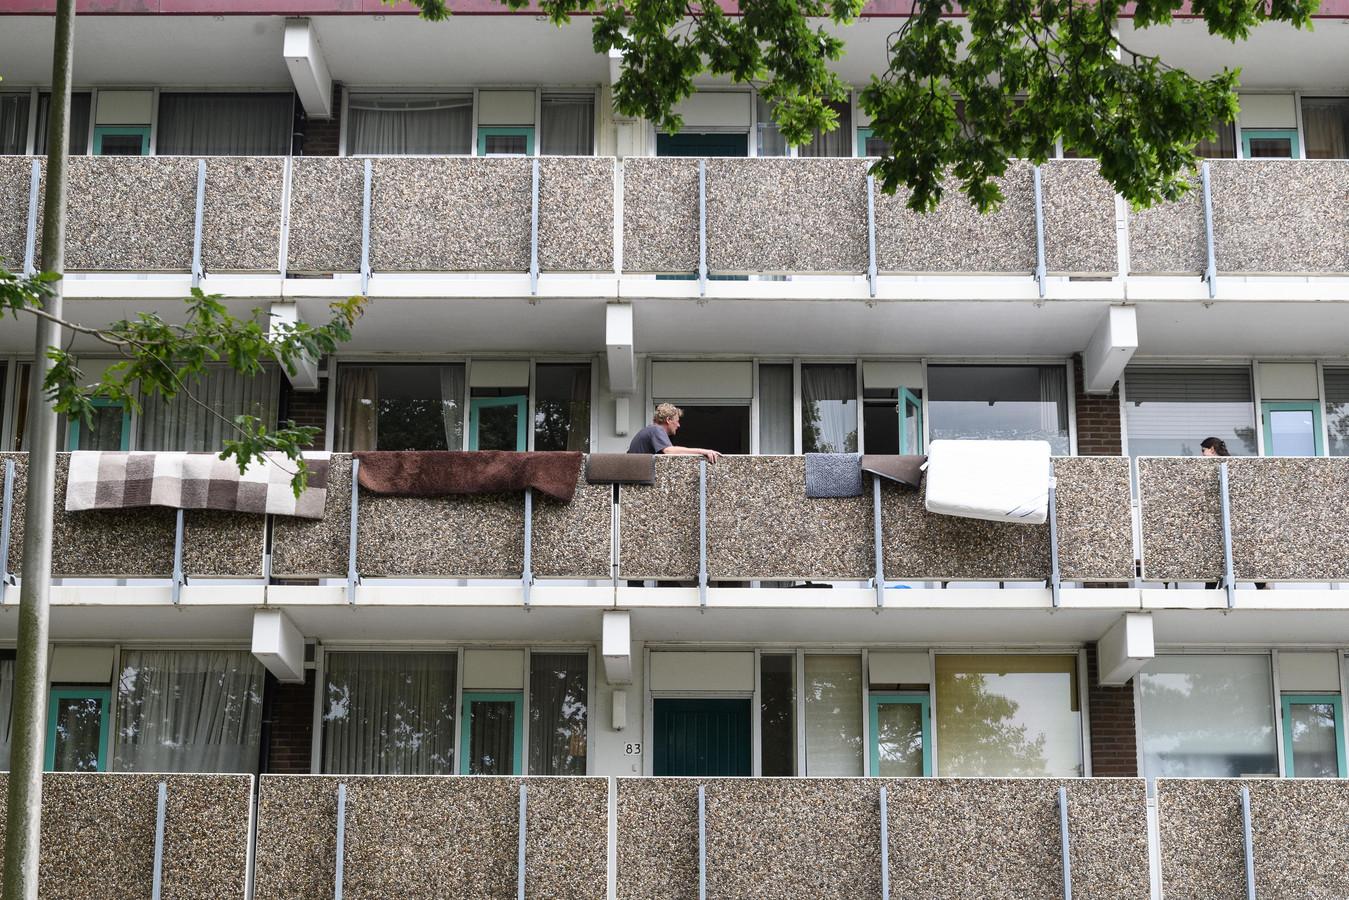 De dekens, kleden en het matras als trieste getuigen aan de balustrade van de flat van Hoda aan Ahuislanden, waar waterschade ontstond door een hennepplantage.